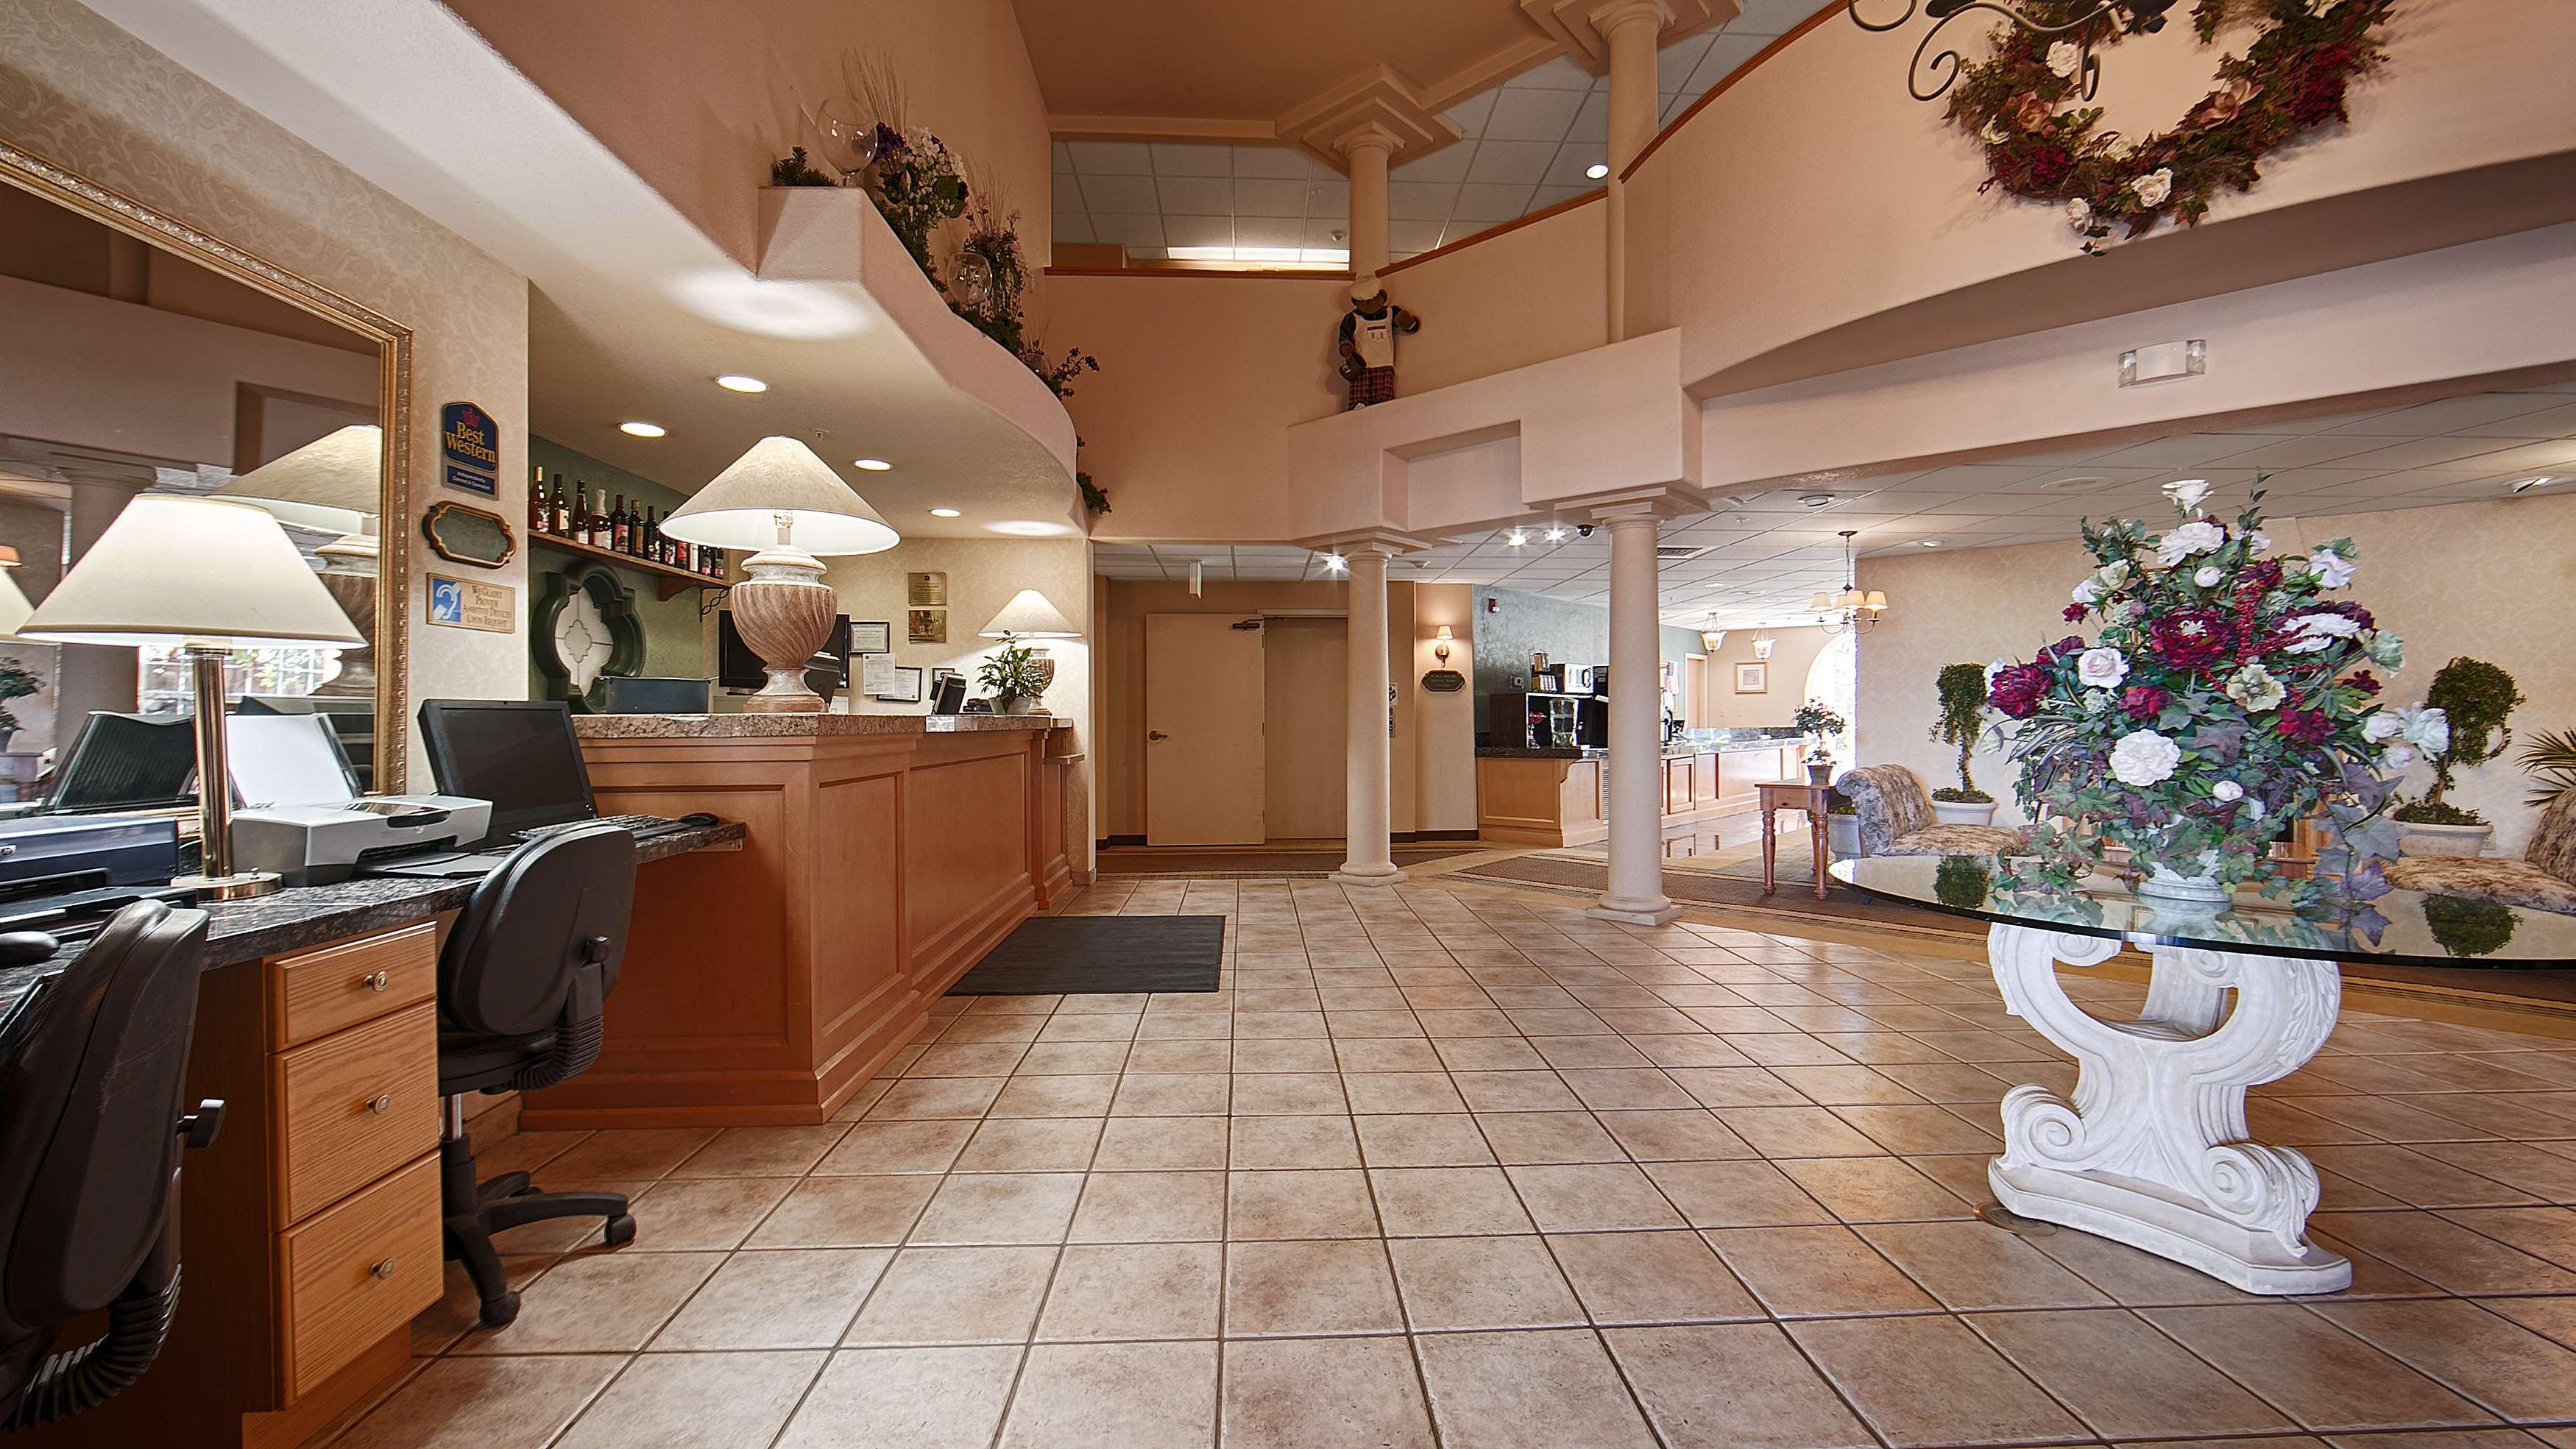 Best Western Plus Caldwell Inn & Suites image 11